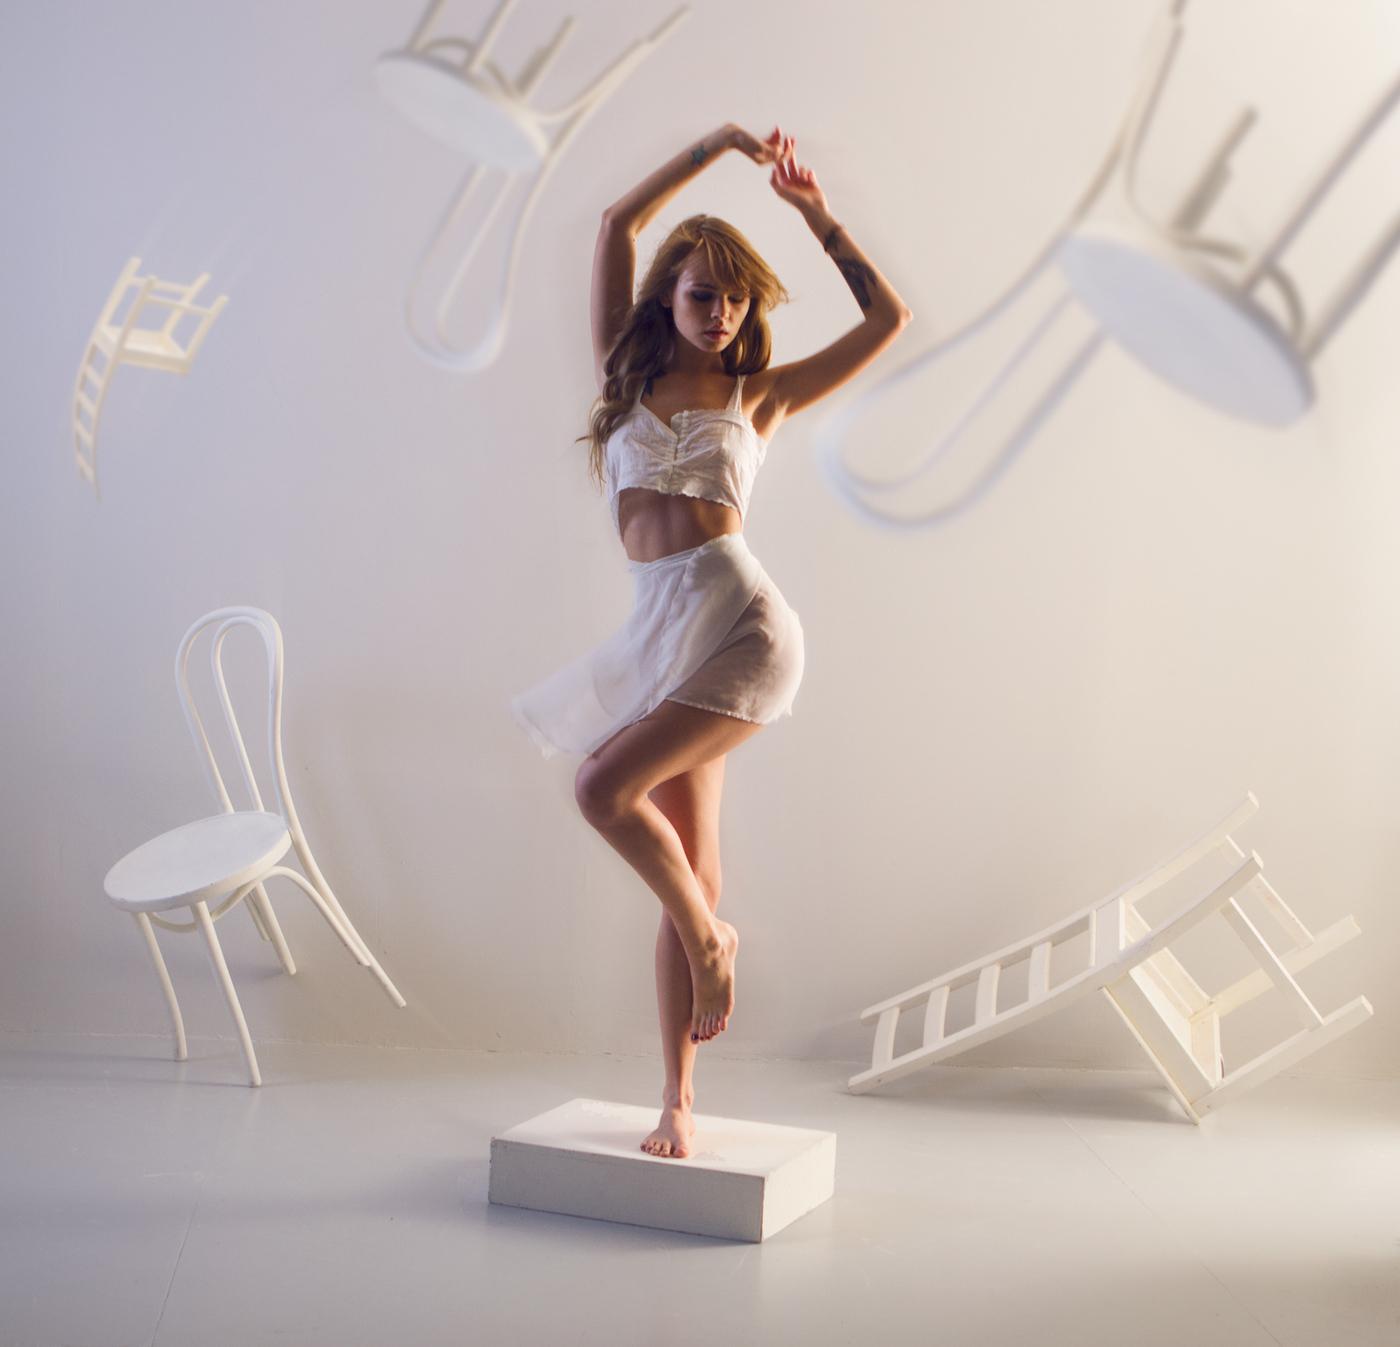 Anastasia Scheglova, model, lingerie, arms up, chair, legs, barefoot, underwear